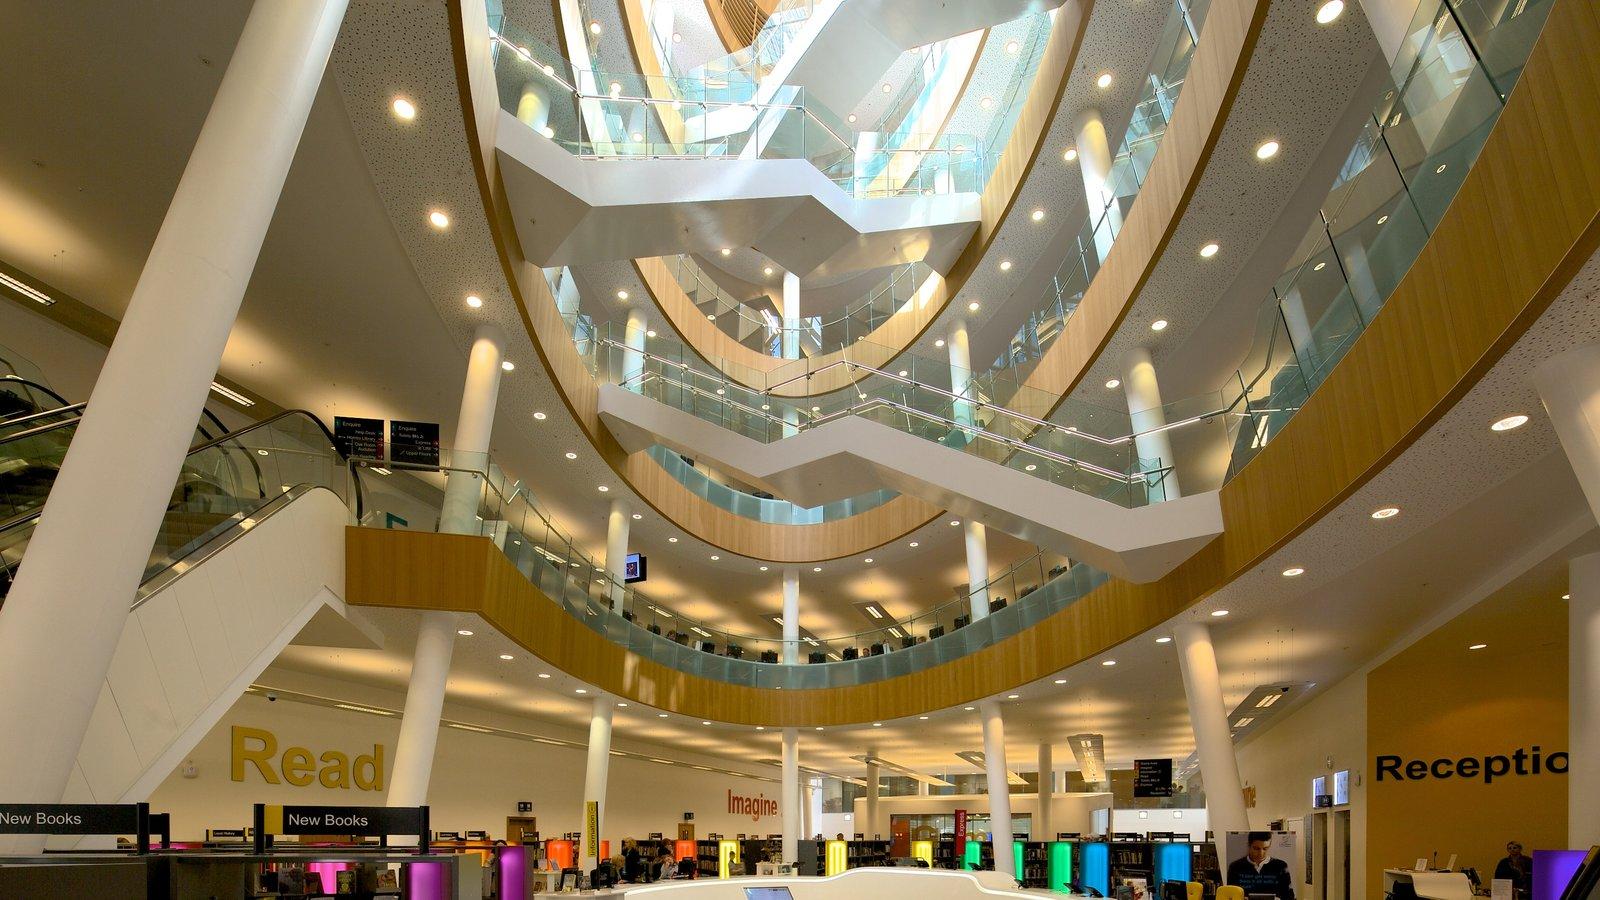 Liverpool Central Library que incluye vistas interiores